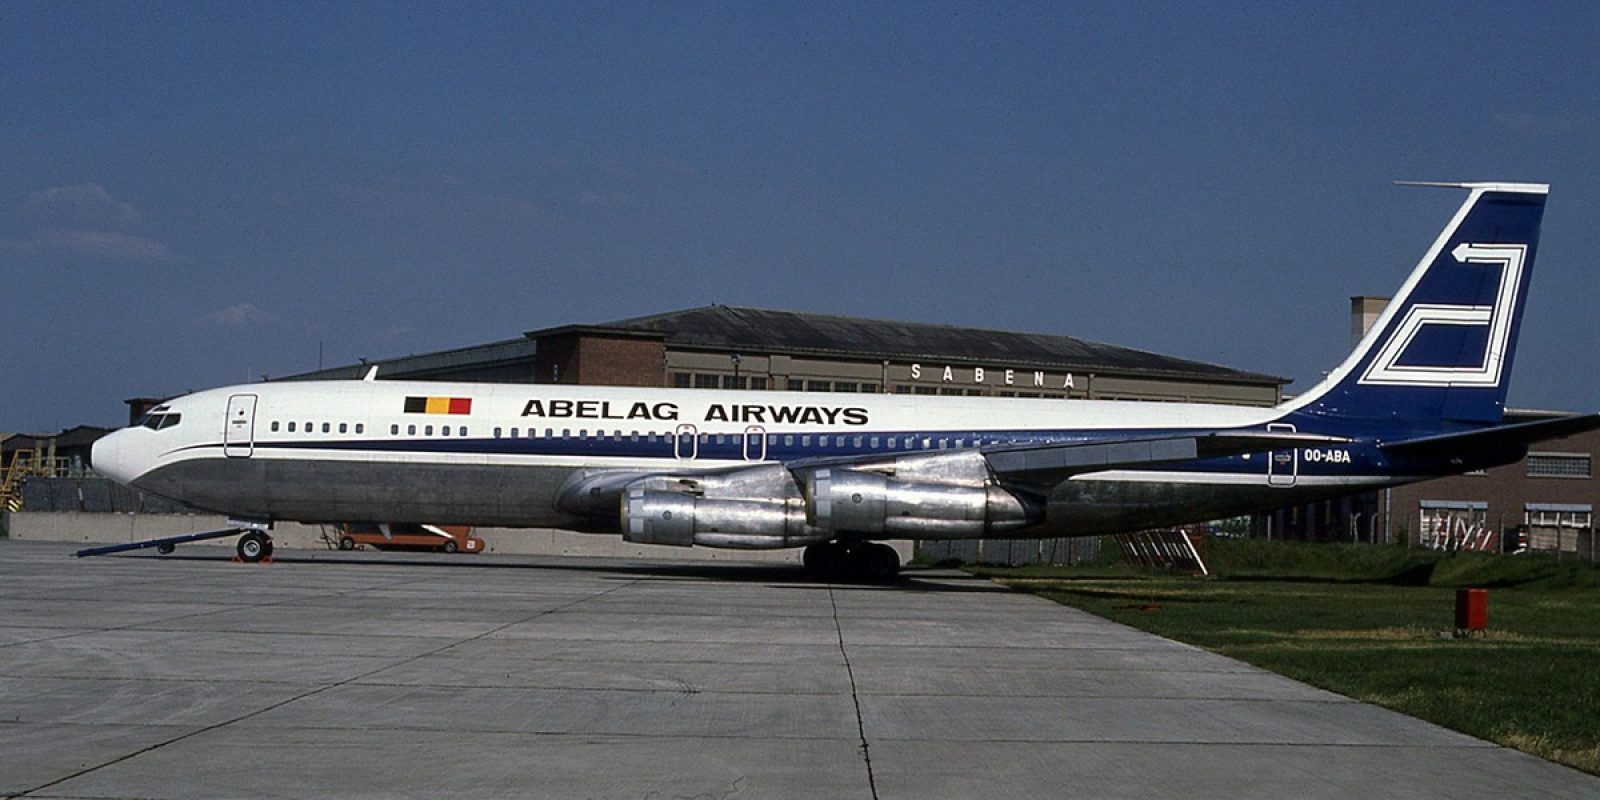 Le Boeing 707-351C OO-ABA (msn 18746) de Abelag Airways, photographié en mai 1979, sera loué à UTA pendant plusieurs mois suite à l'immobilisation forcée des DC-10 suite à plusieurs accidents. Abelag Airways se transformera rapidement en Air Belgium, première du nom.